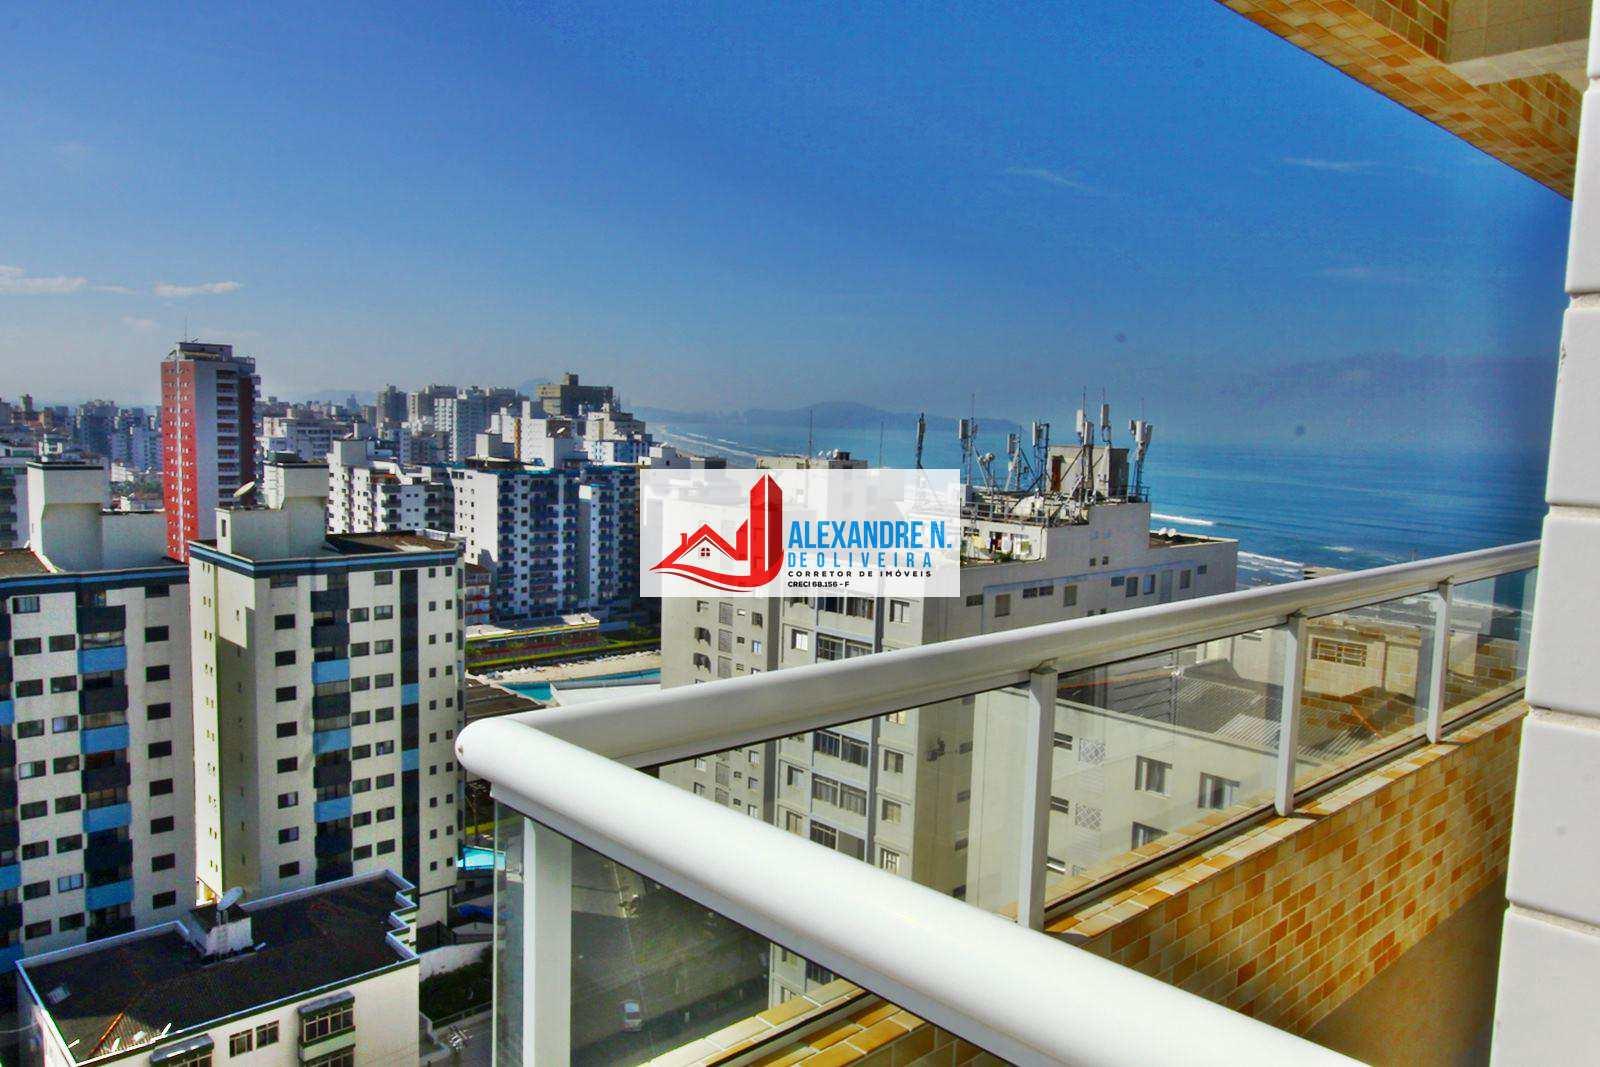 Cobertura, 3 dorms, Ocian, Praia Grande, R$ 800 mil, COB00002